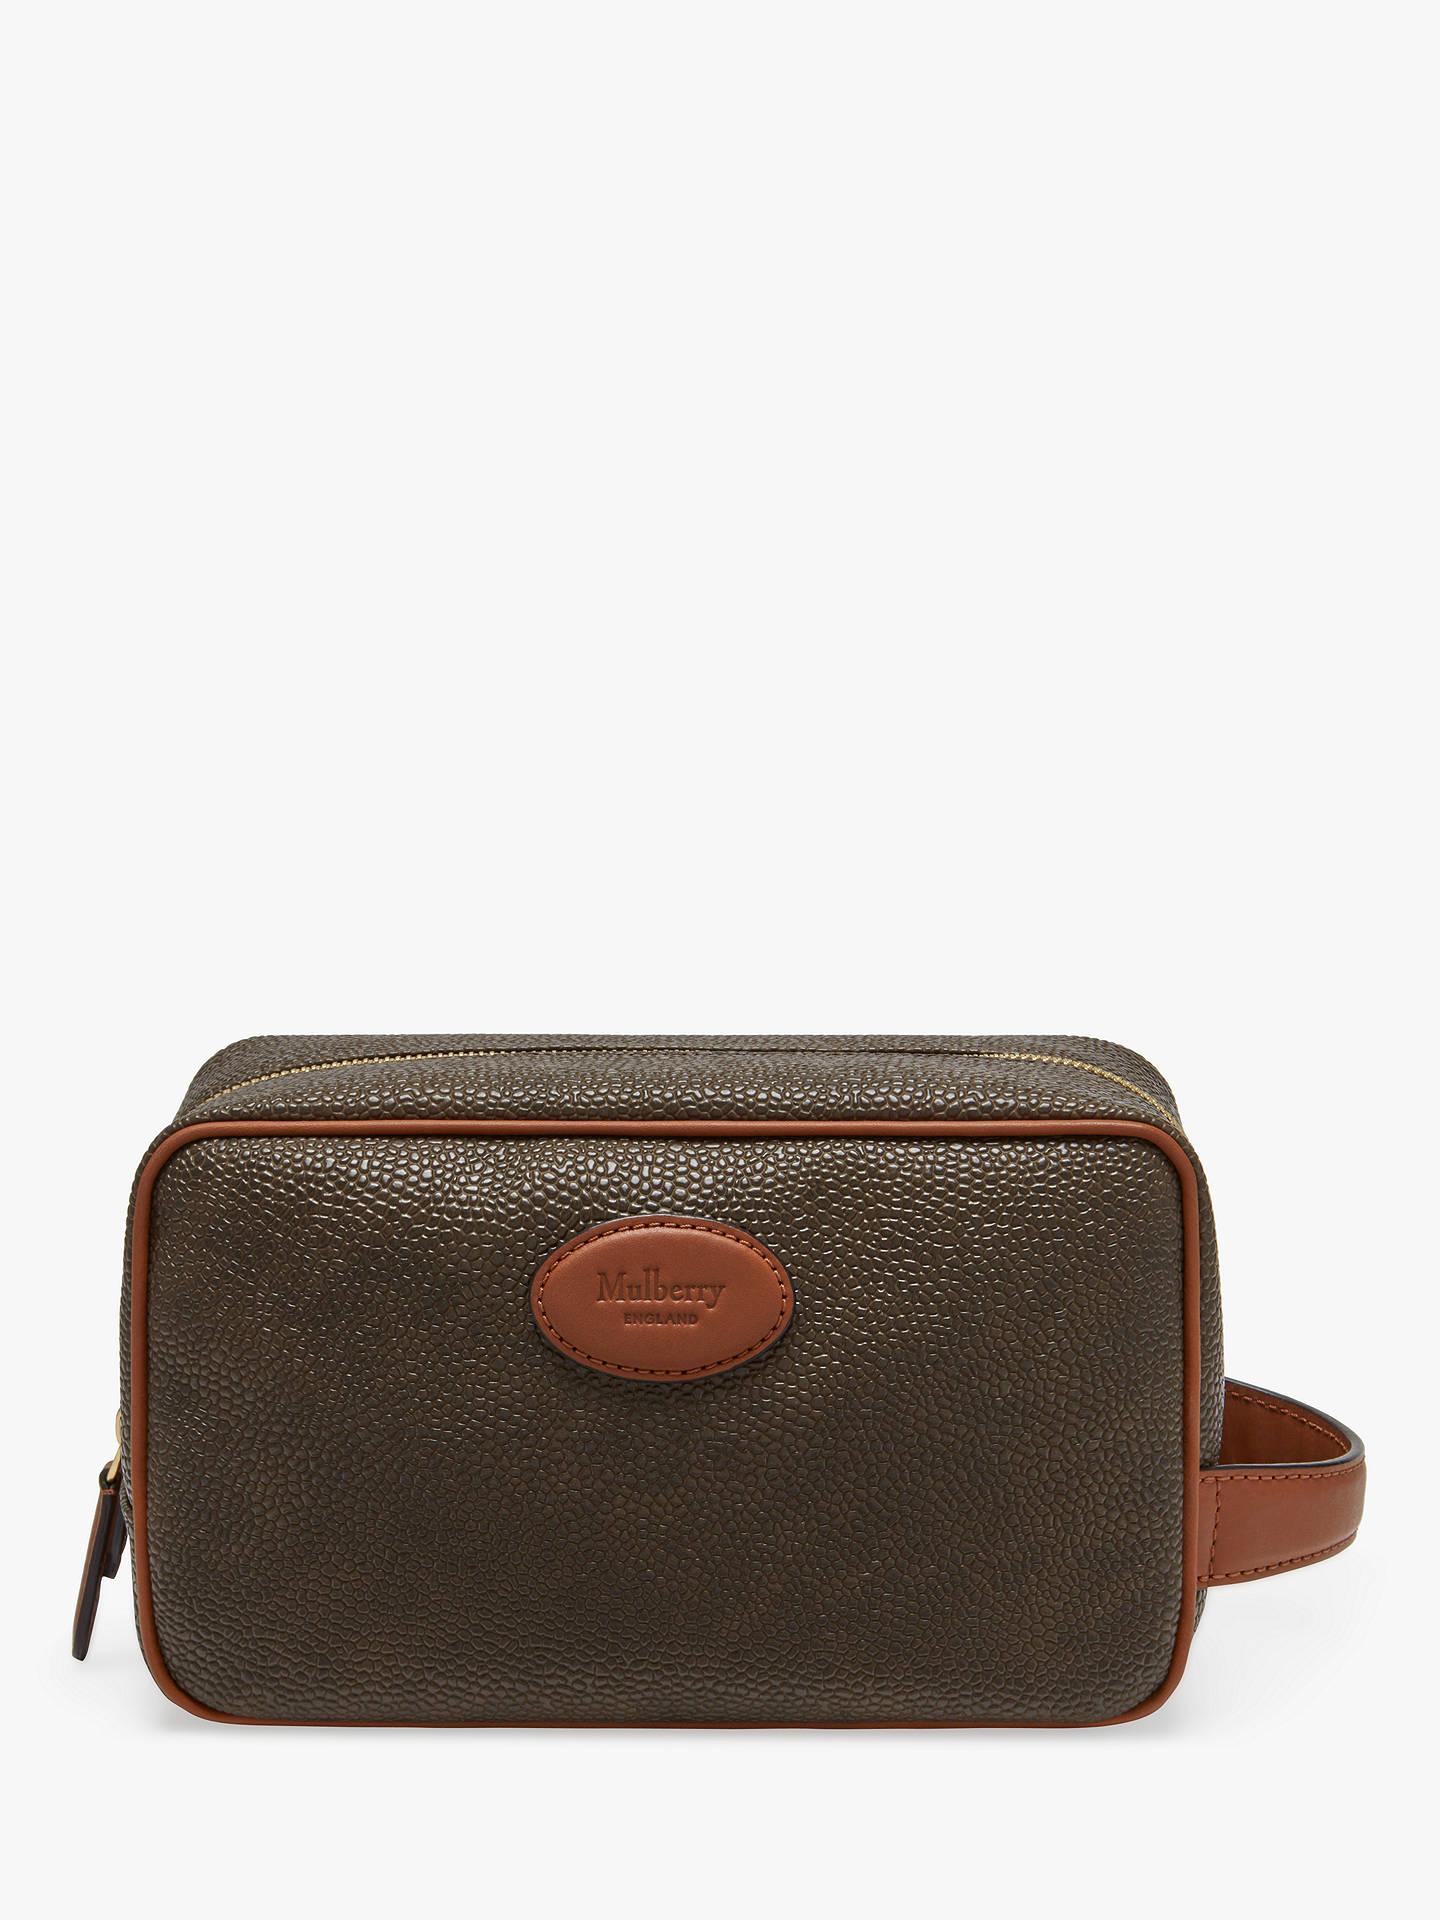 362d7d27c4505 Buy Mulberry Scotchgrain Wash Bag, Mole/Cognac Online at johnlewis.com ...